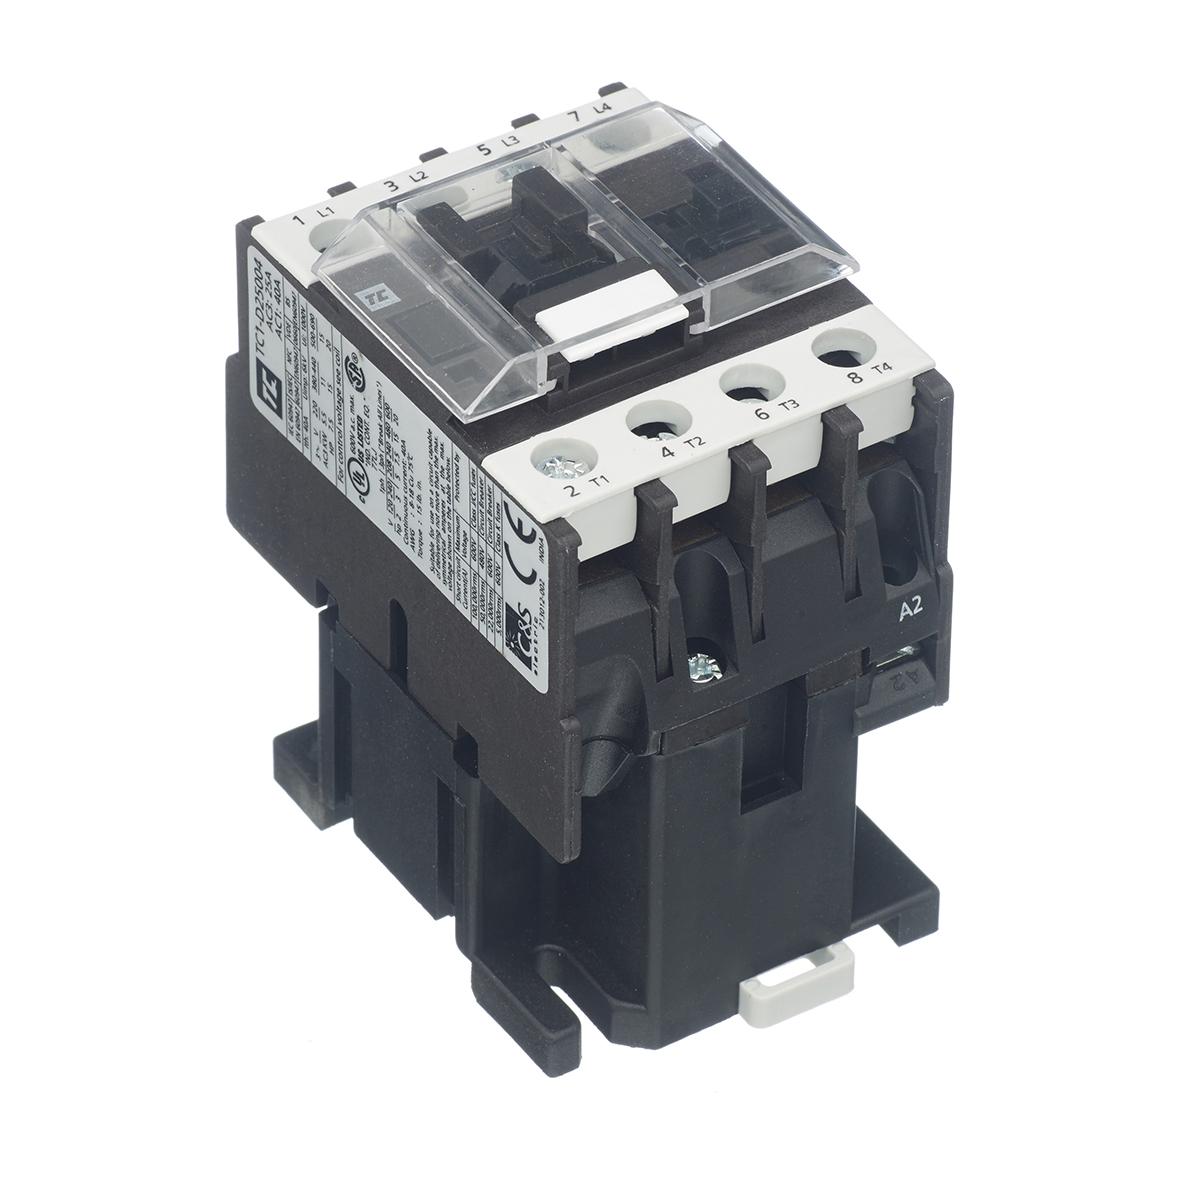 Europa TC1-D80004P7 Contactor 4P 230V